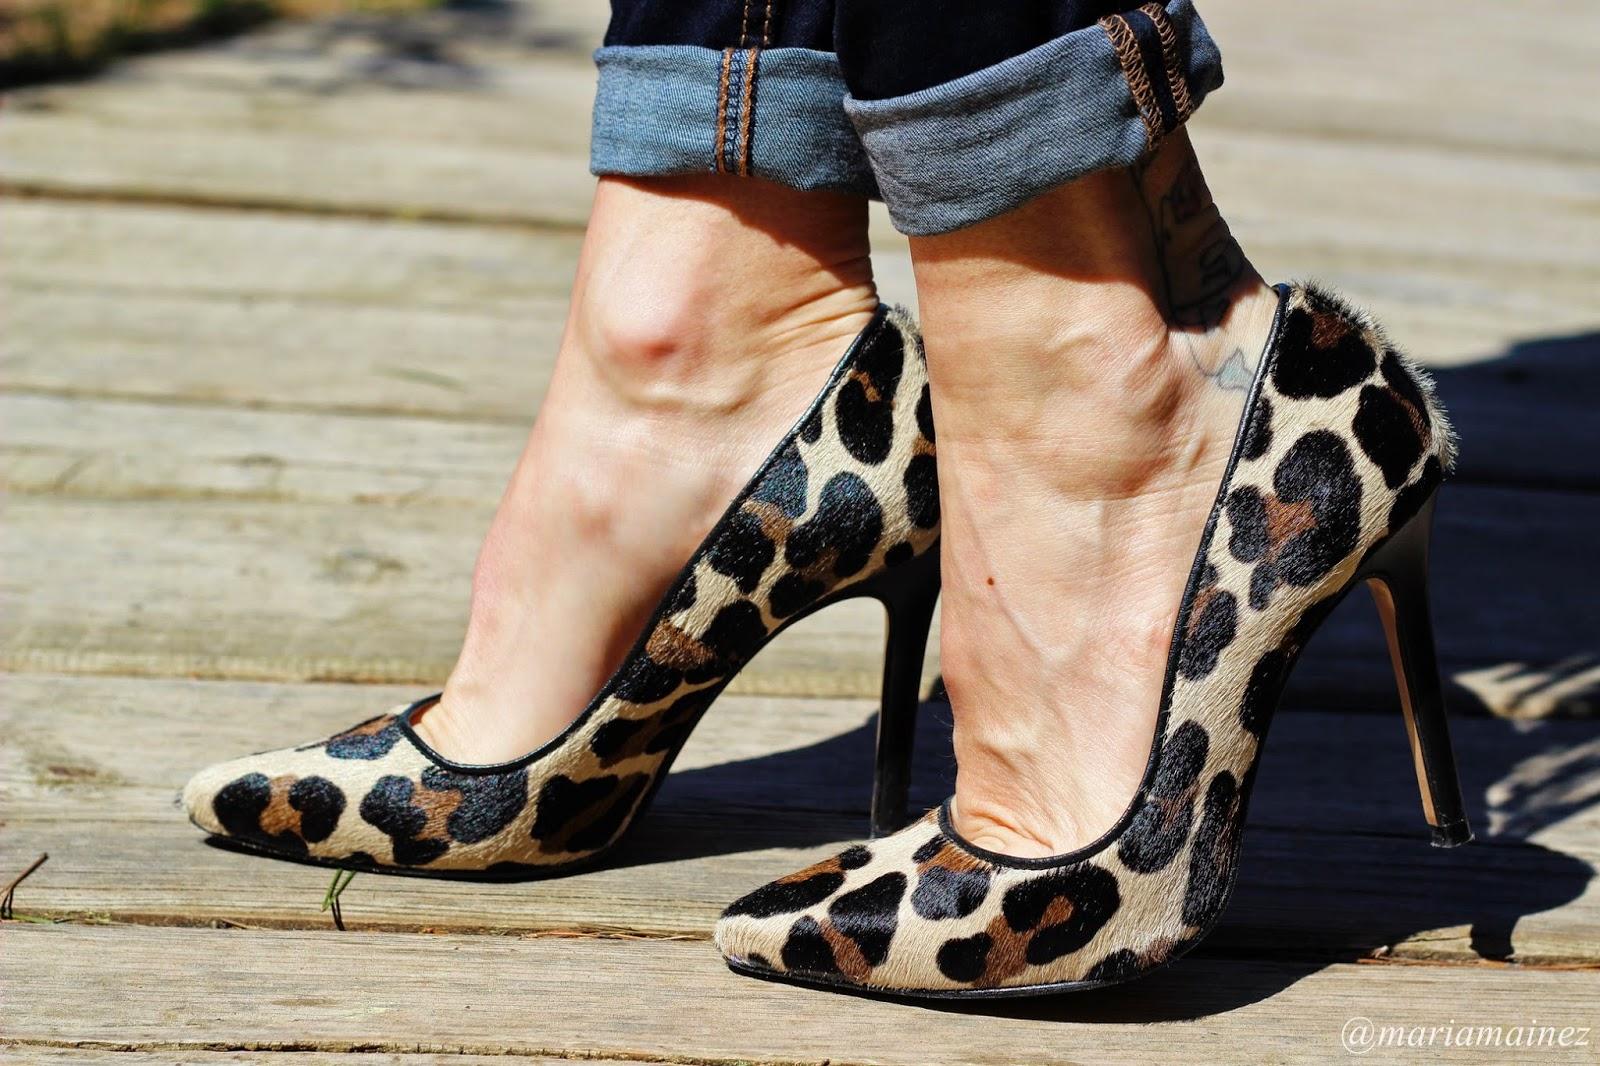 mejores zapatillas de deporte 5fff5 60cb4 María Mainez : Outfit 27/2015 Complementos Leopard print